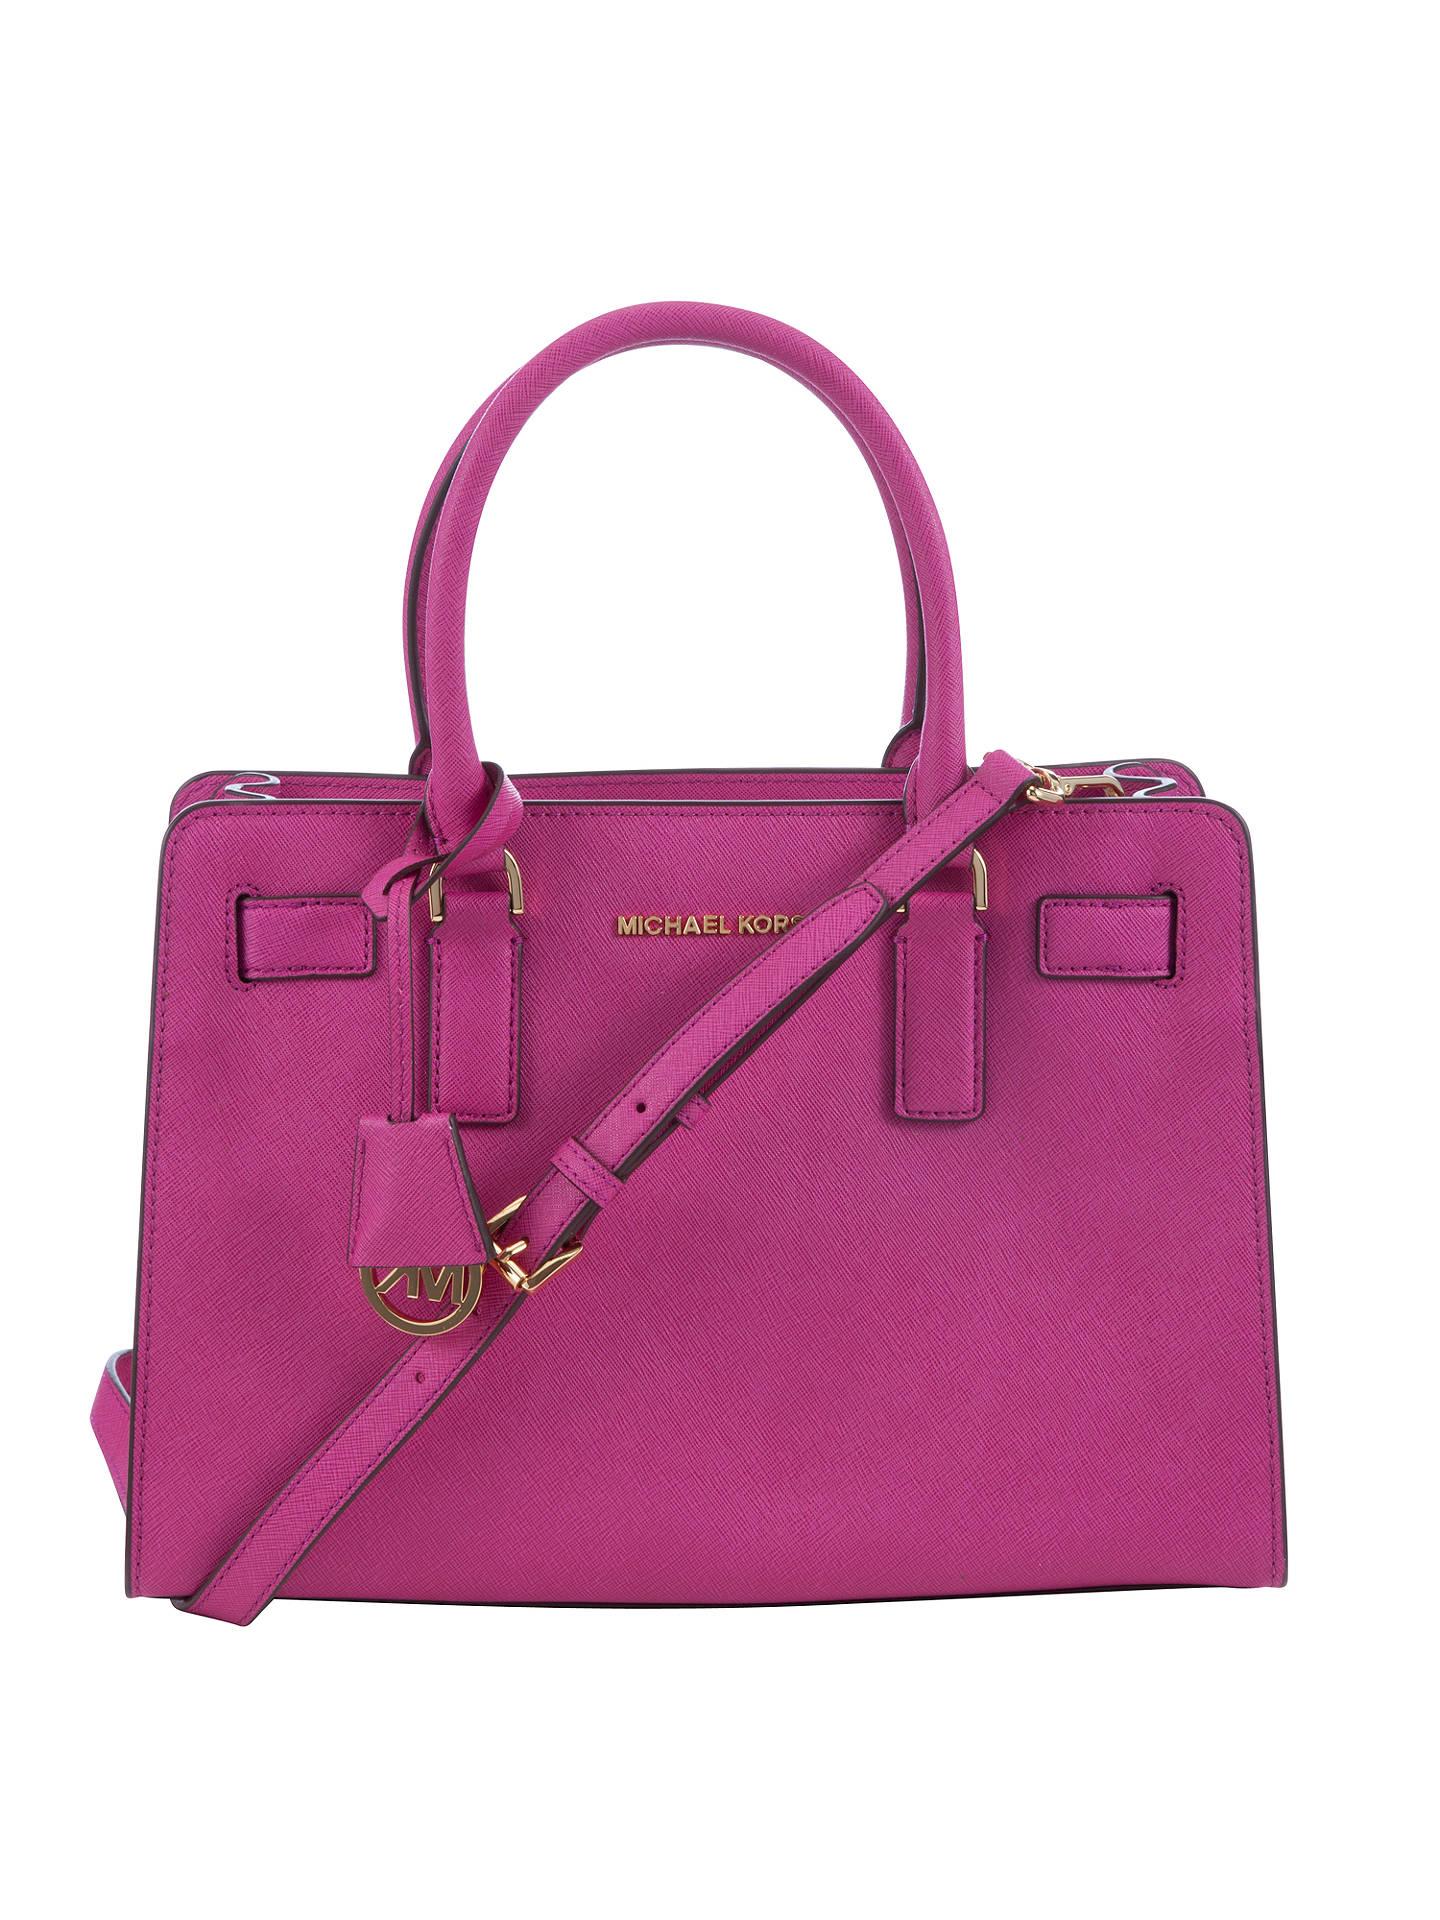 Michael Kors Dillon Leather Tote Bag